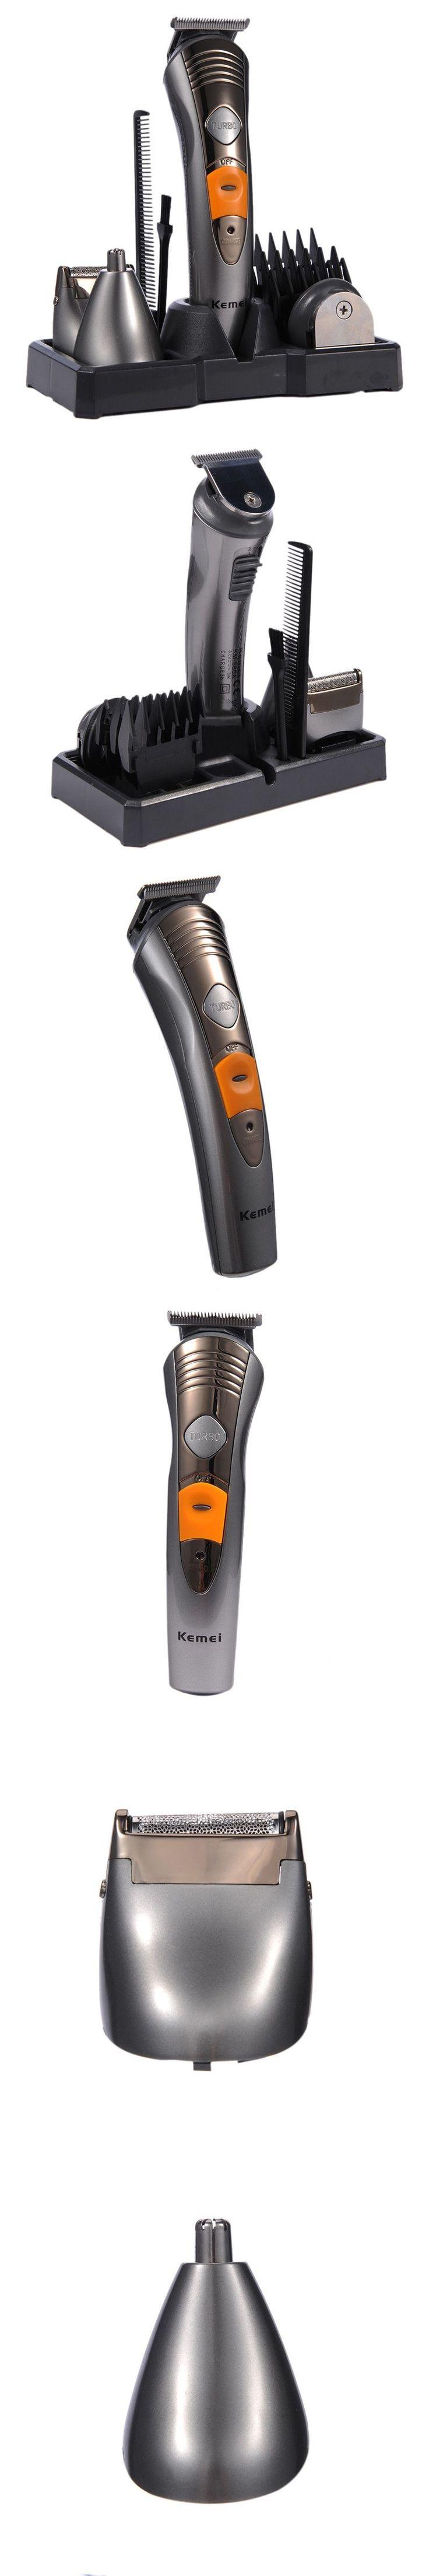 2017 Hot beard trimmer hair clipper Razors hair cutting machine hair cut barber accessories salon hairdresser hair tools #hairclippers